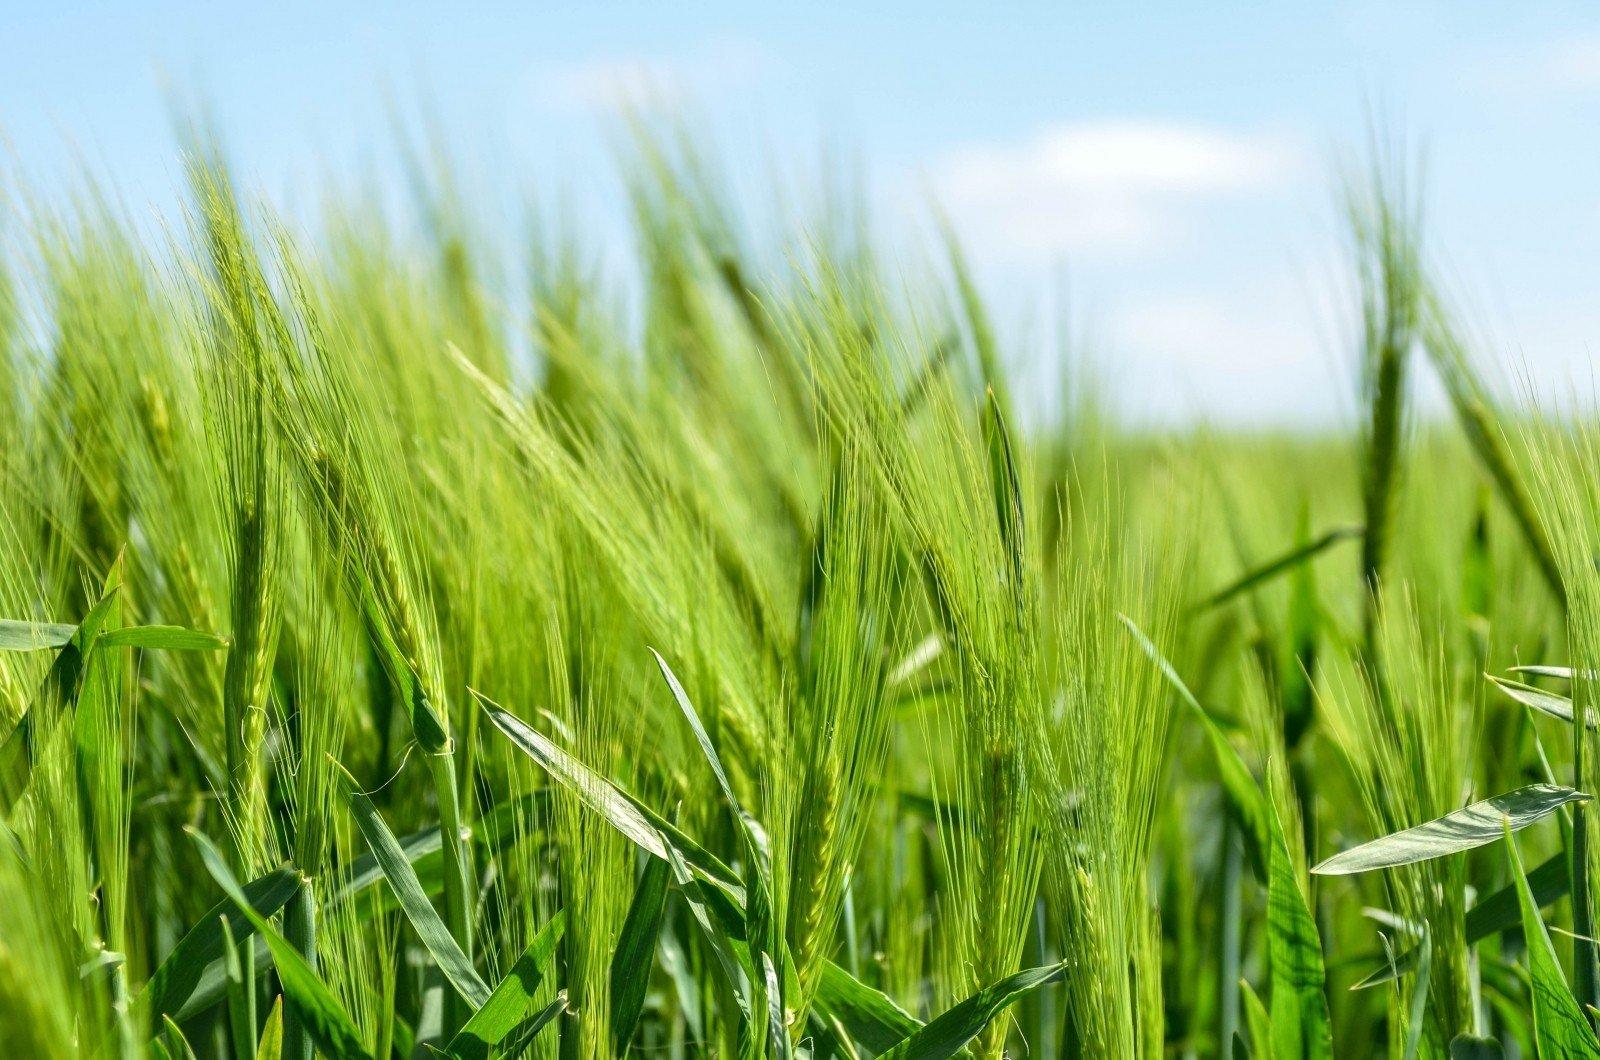 engrais vert avoine dans un champ